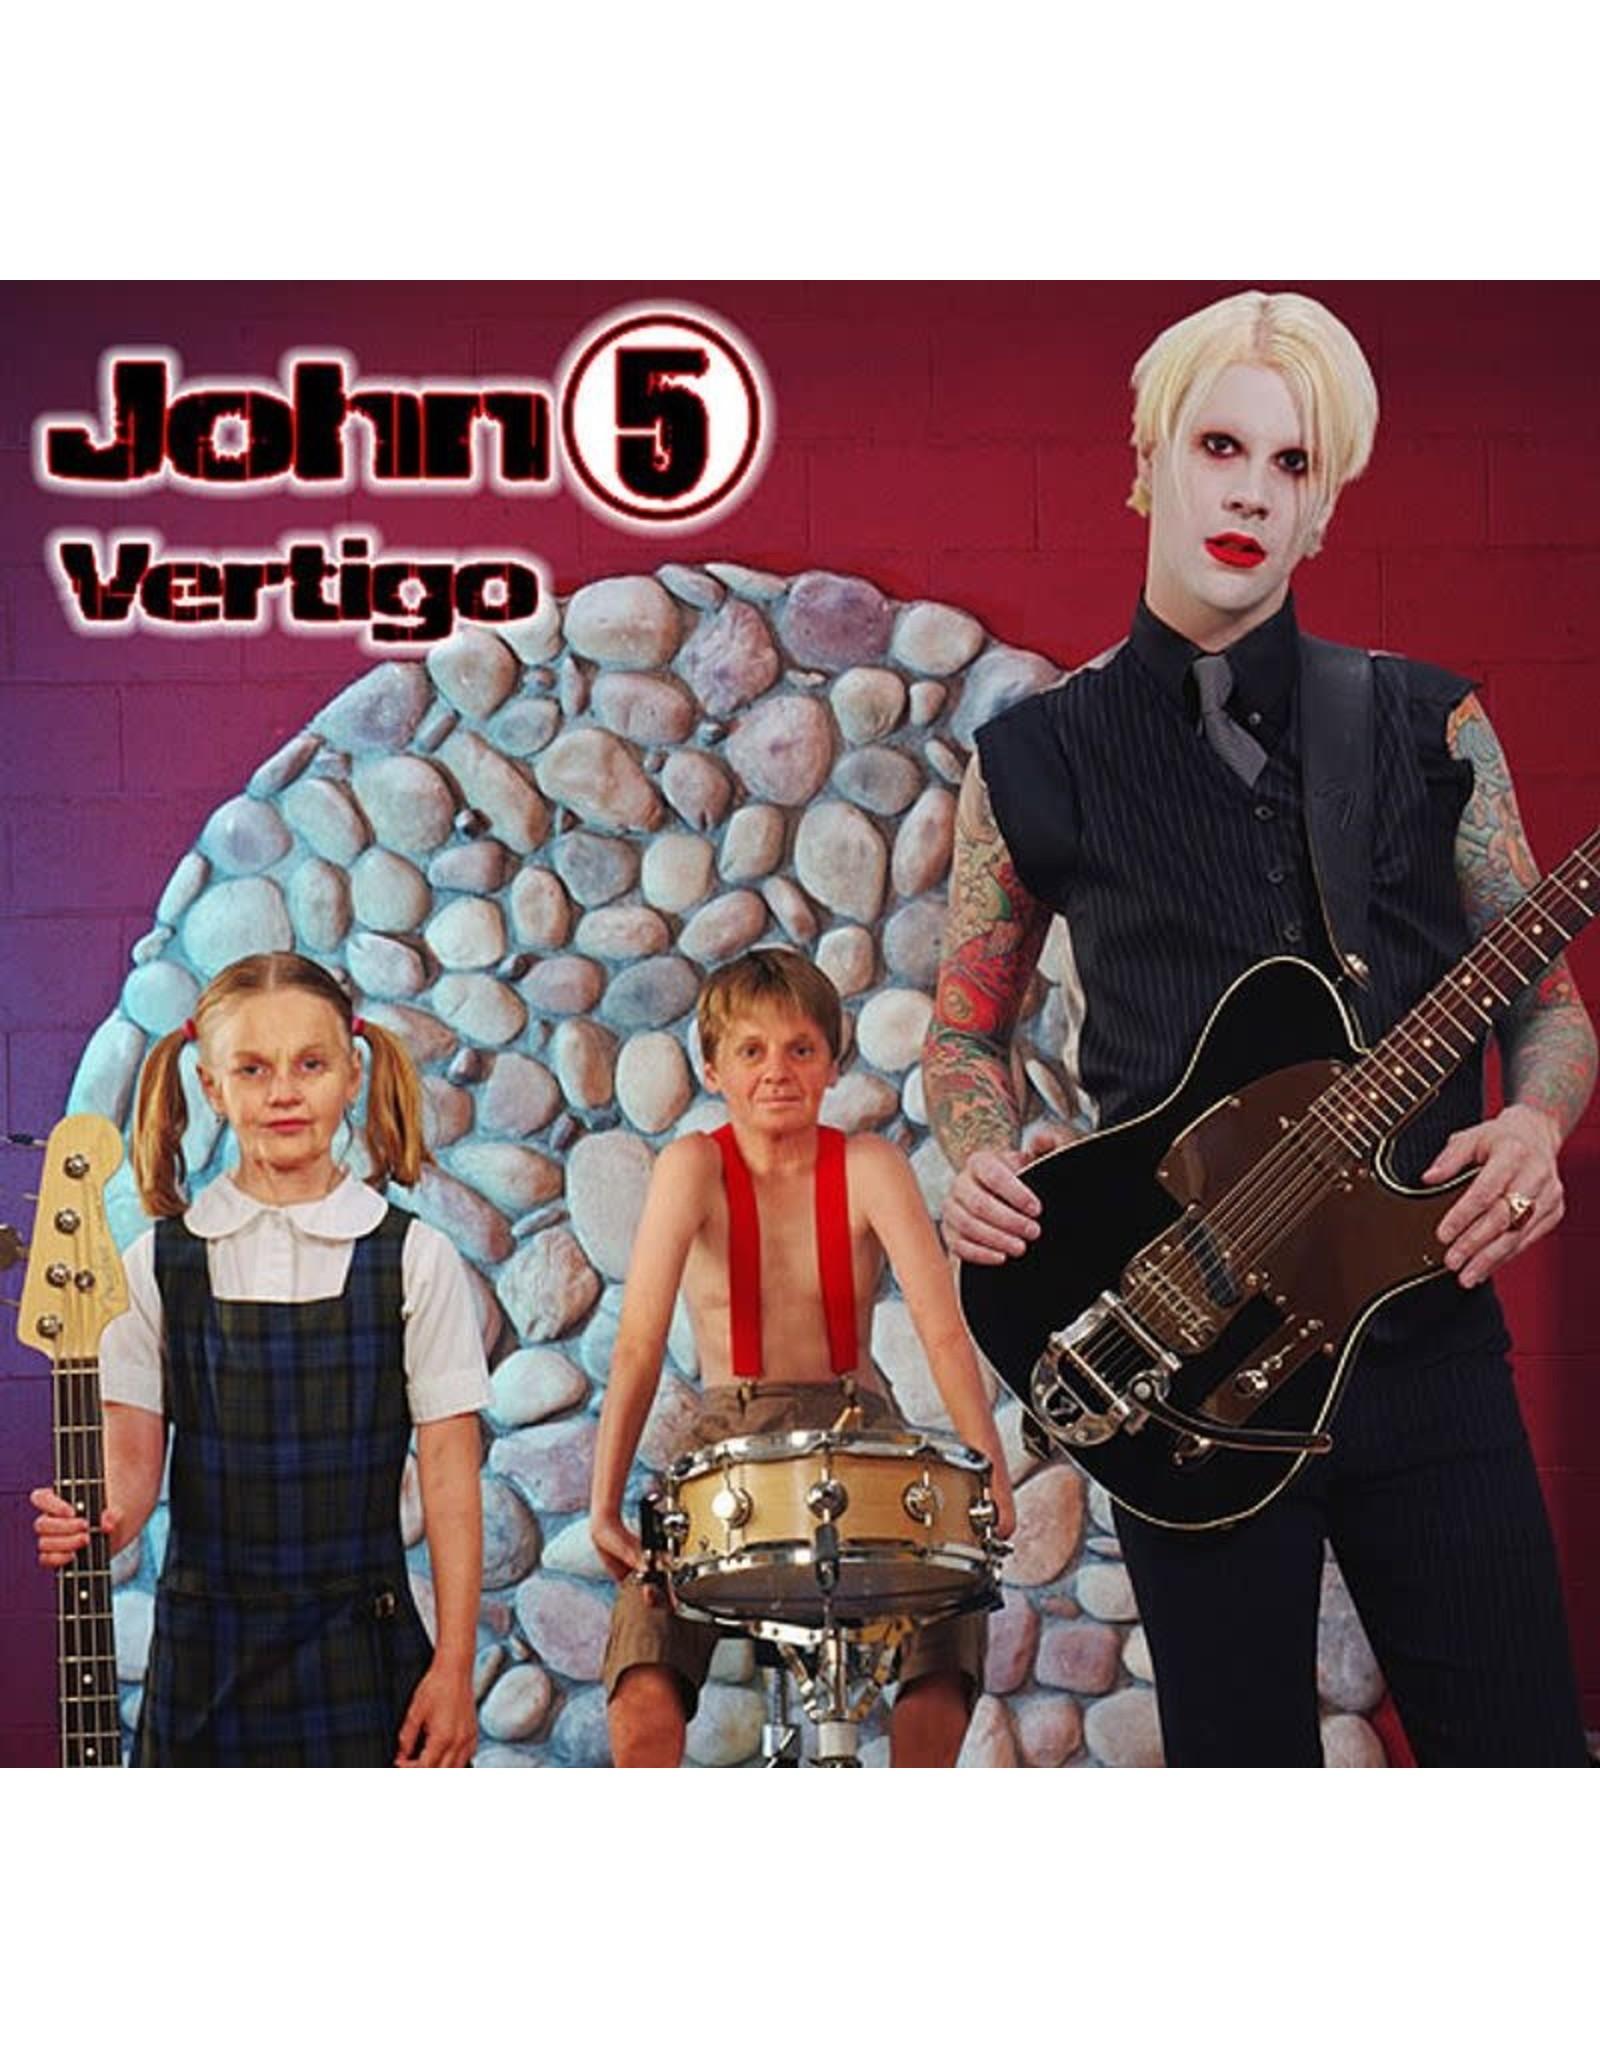 John 5 - Vertigo CD